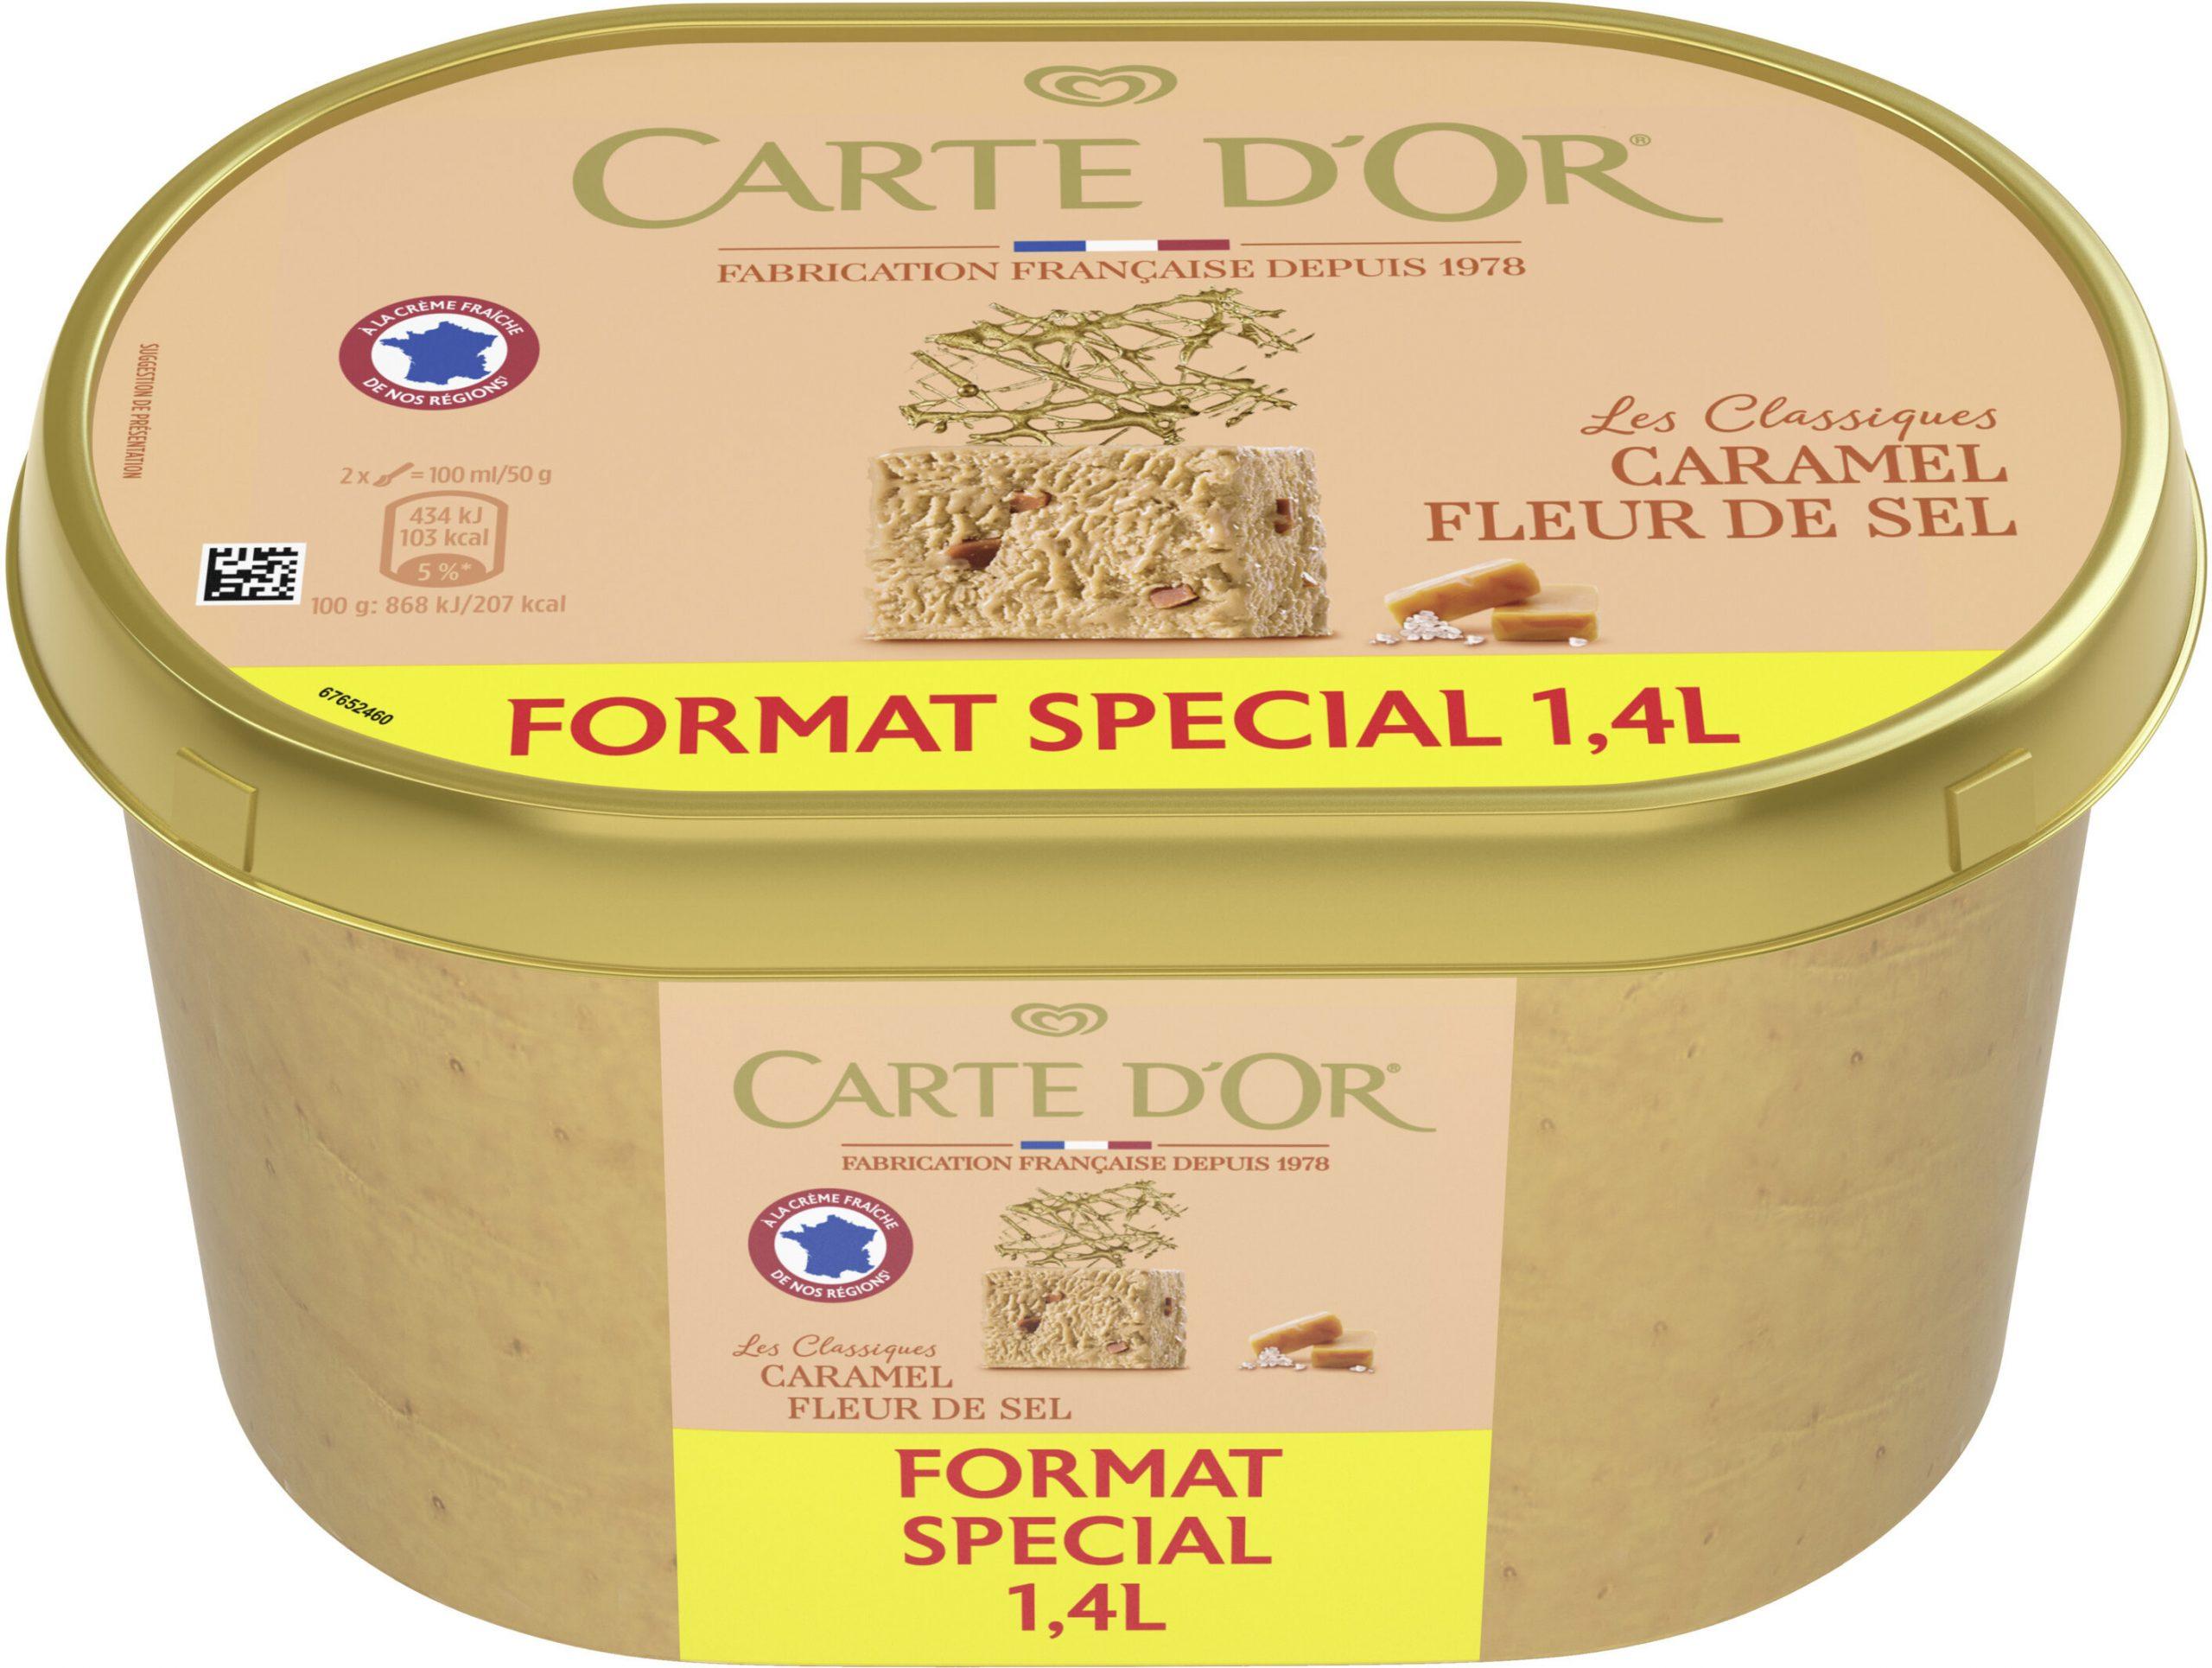 Carte D'or Les Authentiques Glace Caramel Fleur De Sel concernant Carte De Fra